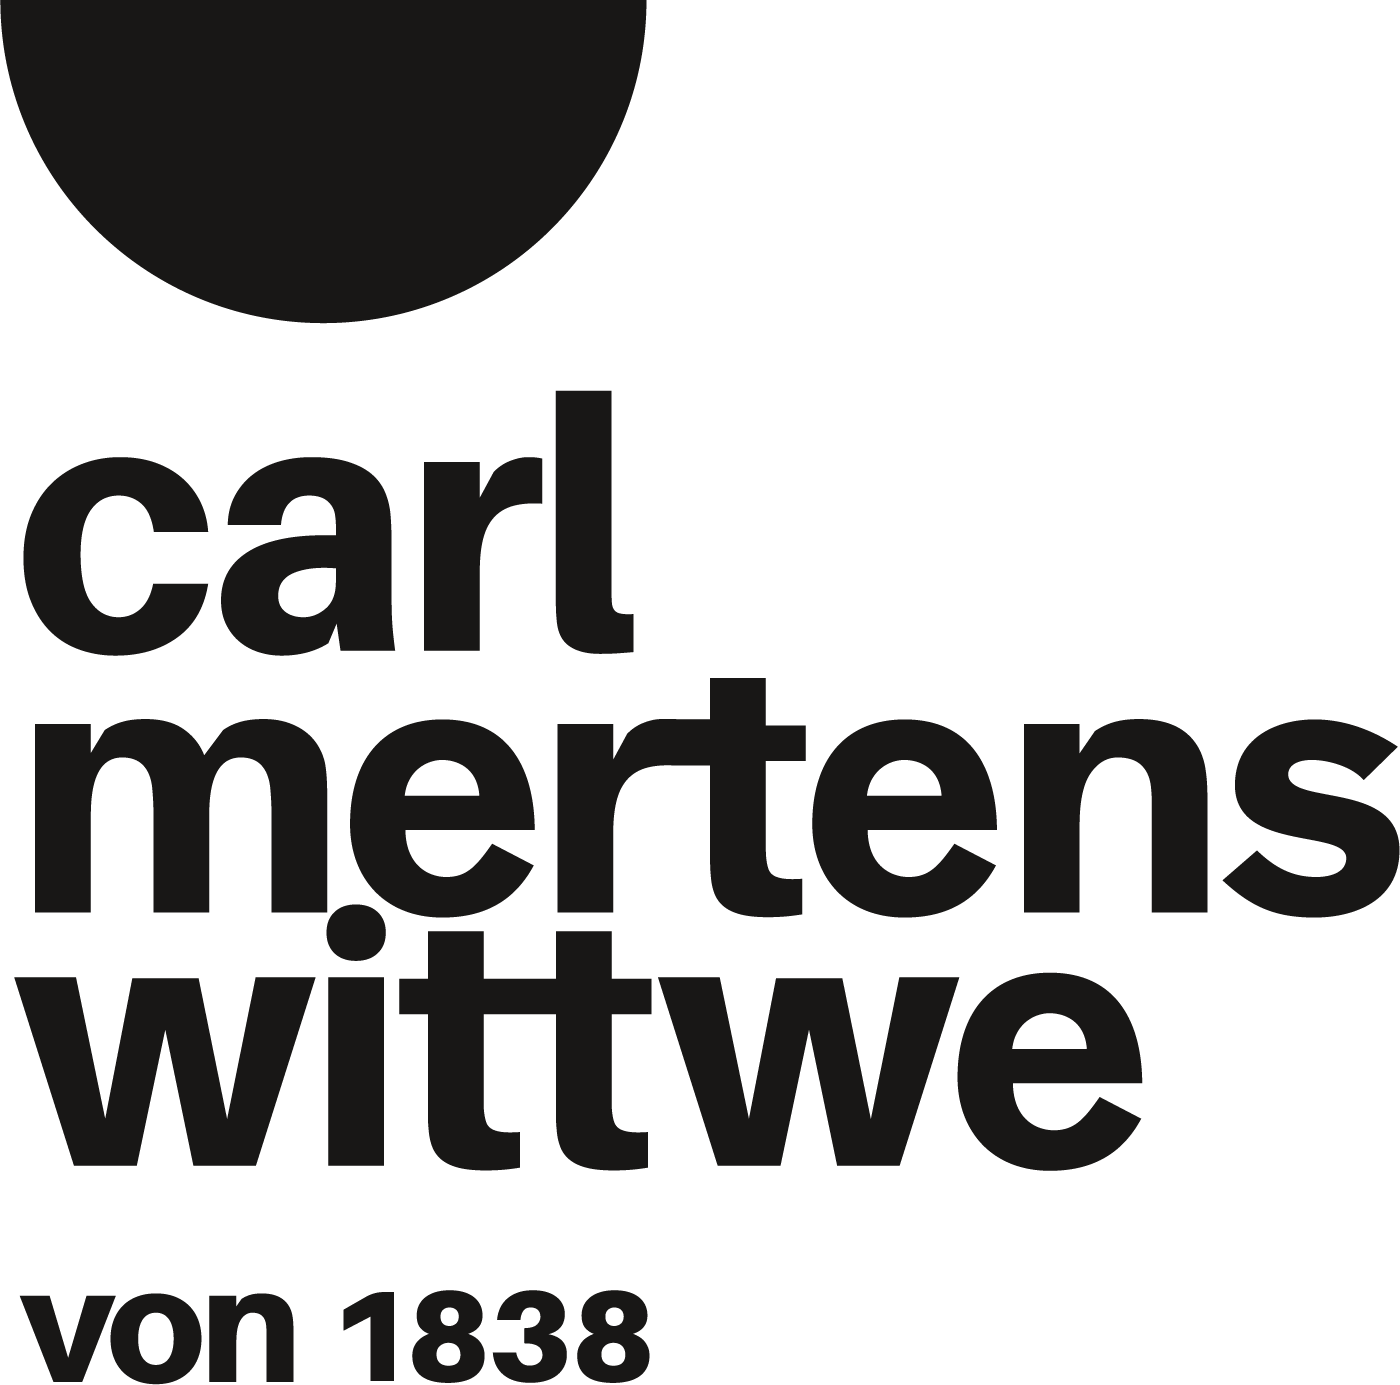 Carl Mertens Wittwe